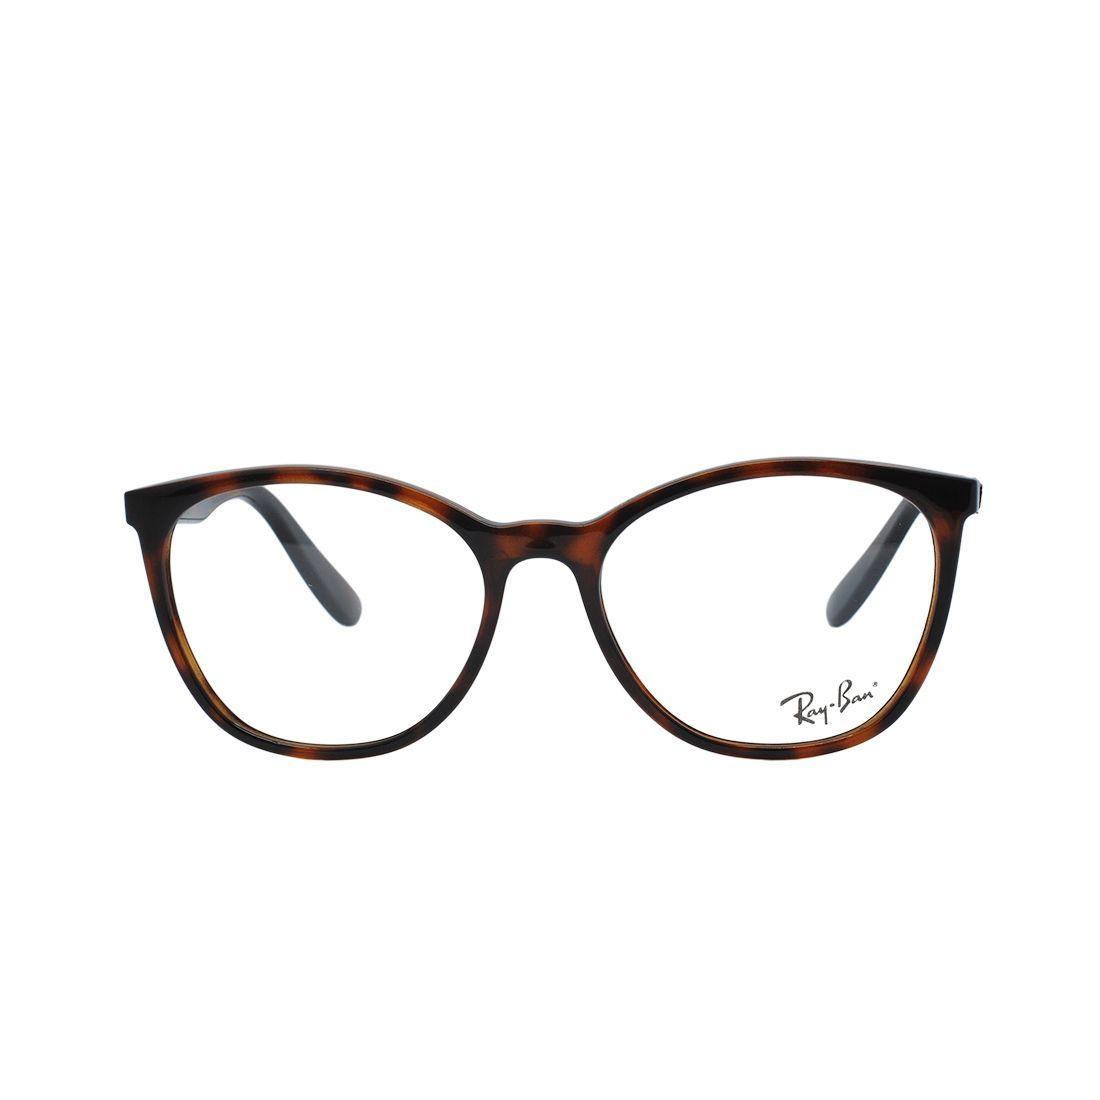 c568d8348d Óculos de Grau Ray Ban Unissex RB7161L 5894 - Acetato Tartaruga Marrom R$  381,00 à vista. Adicionar à sacola